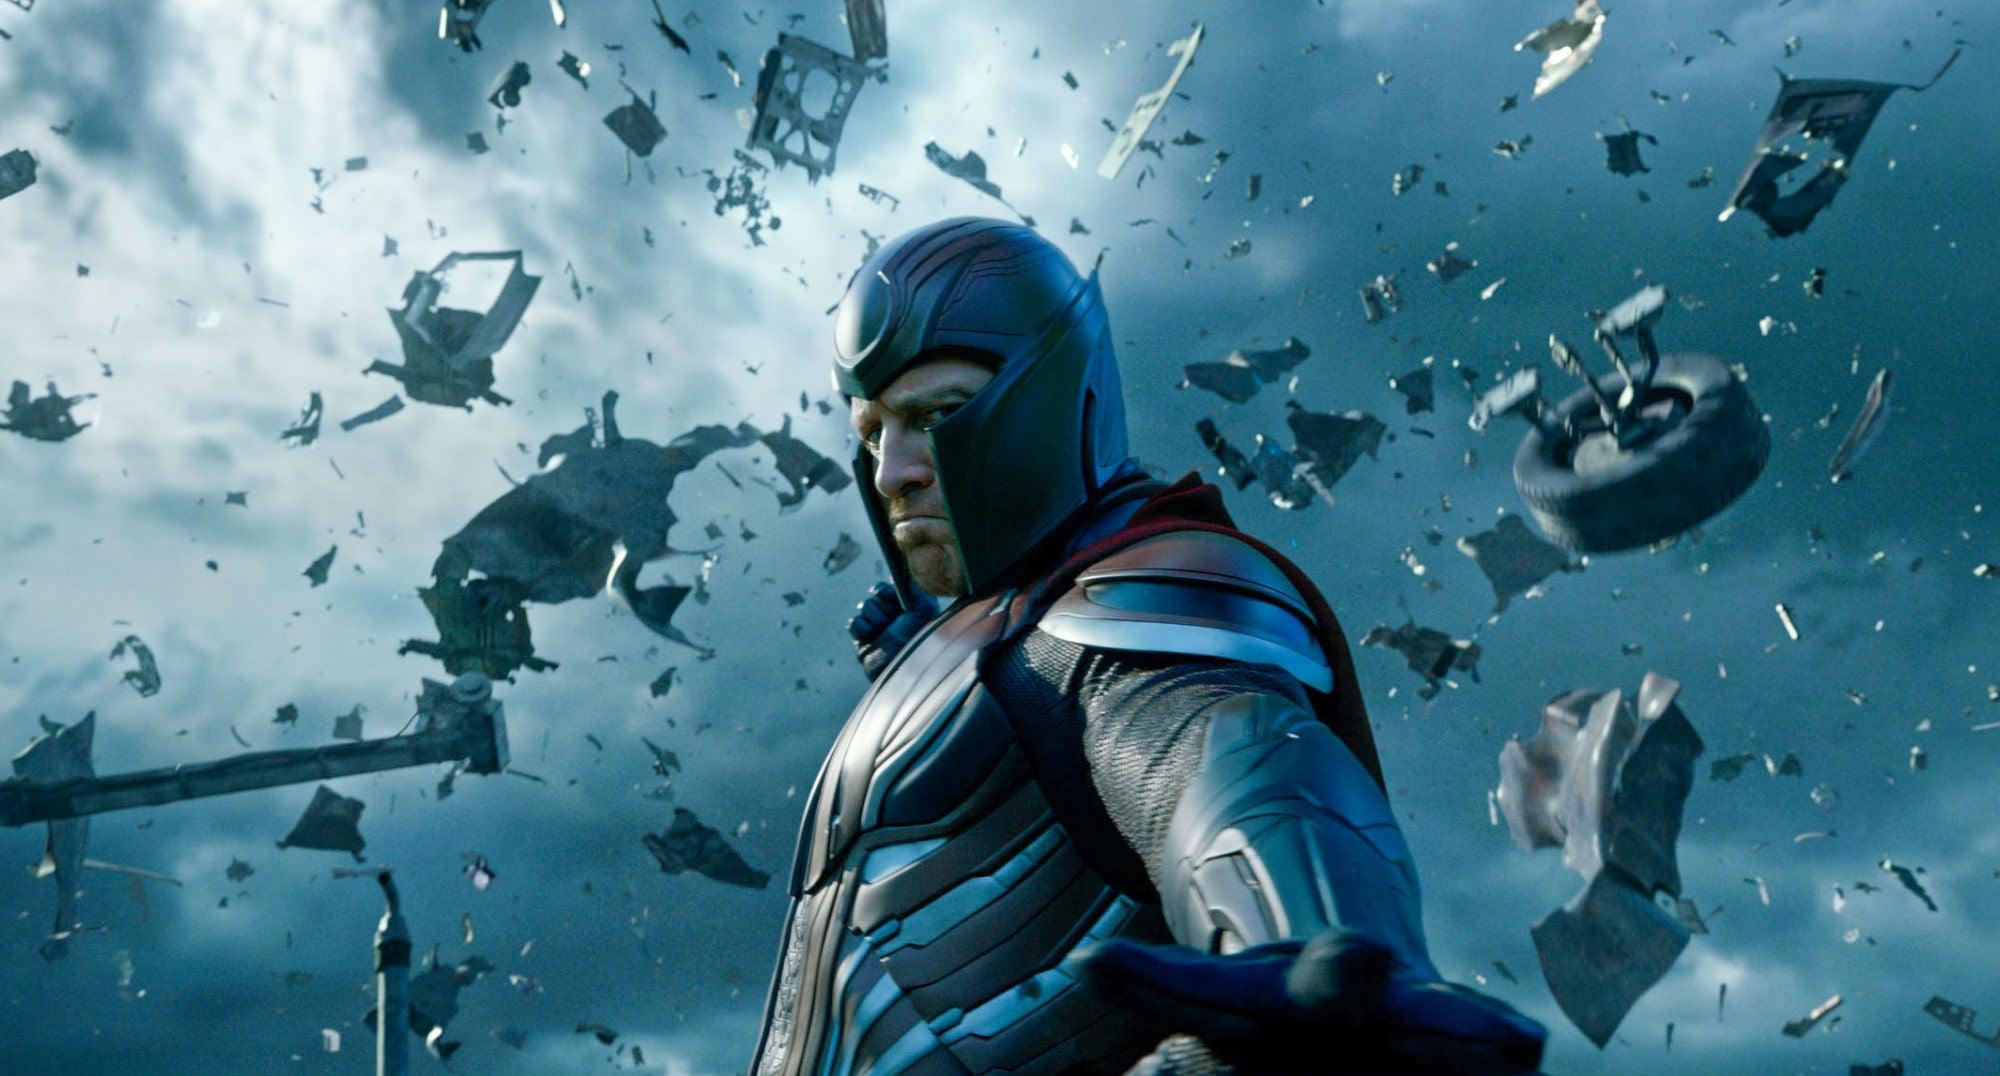 X-Men: Apocalypse Is the Biggest and Emptiest X-Men Movie Yet